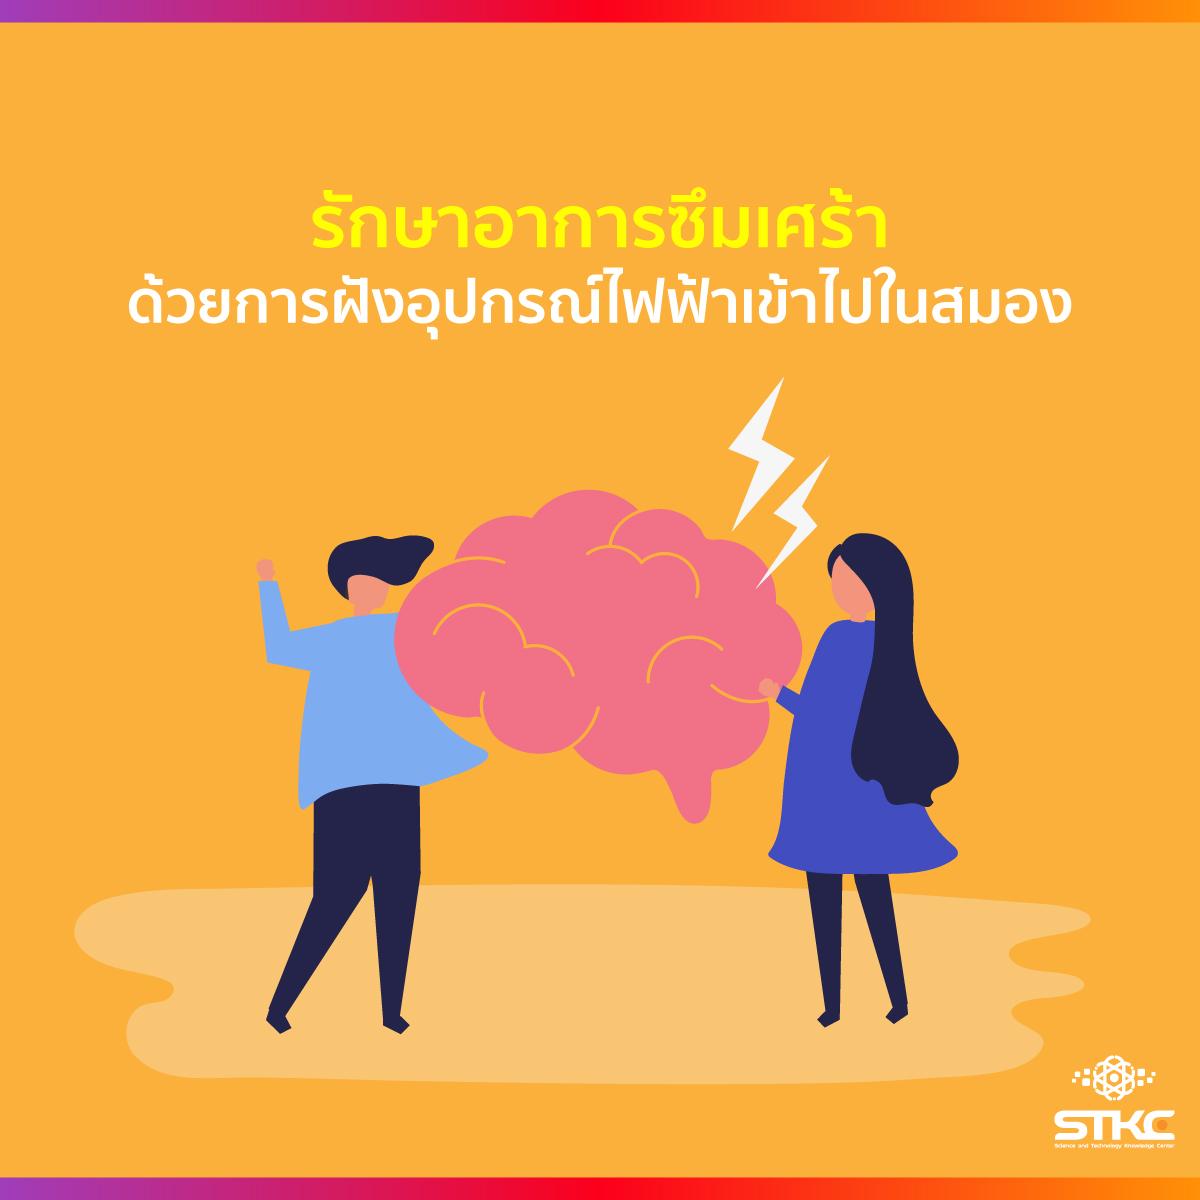 รักษาอาการซึมเศร้าด้วยการฝังอุปกรณ์ไฟฟ้าเข้าไปในสมอง